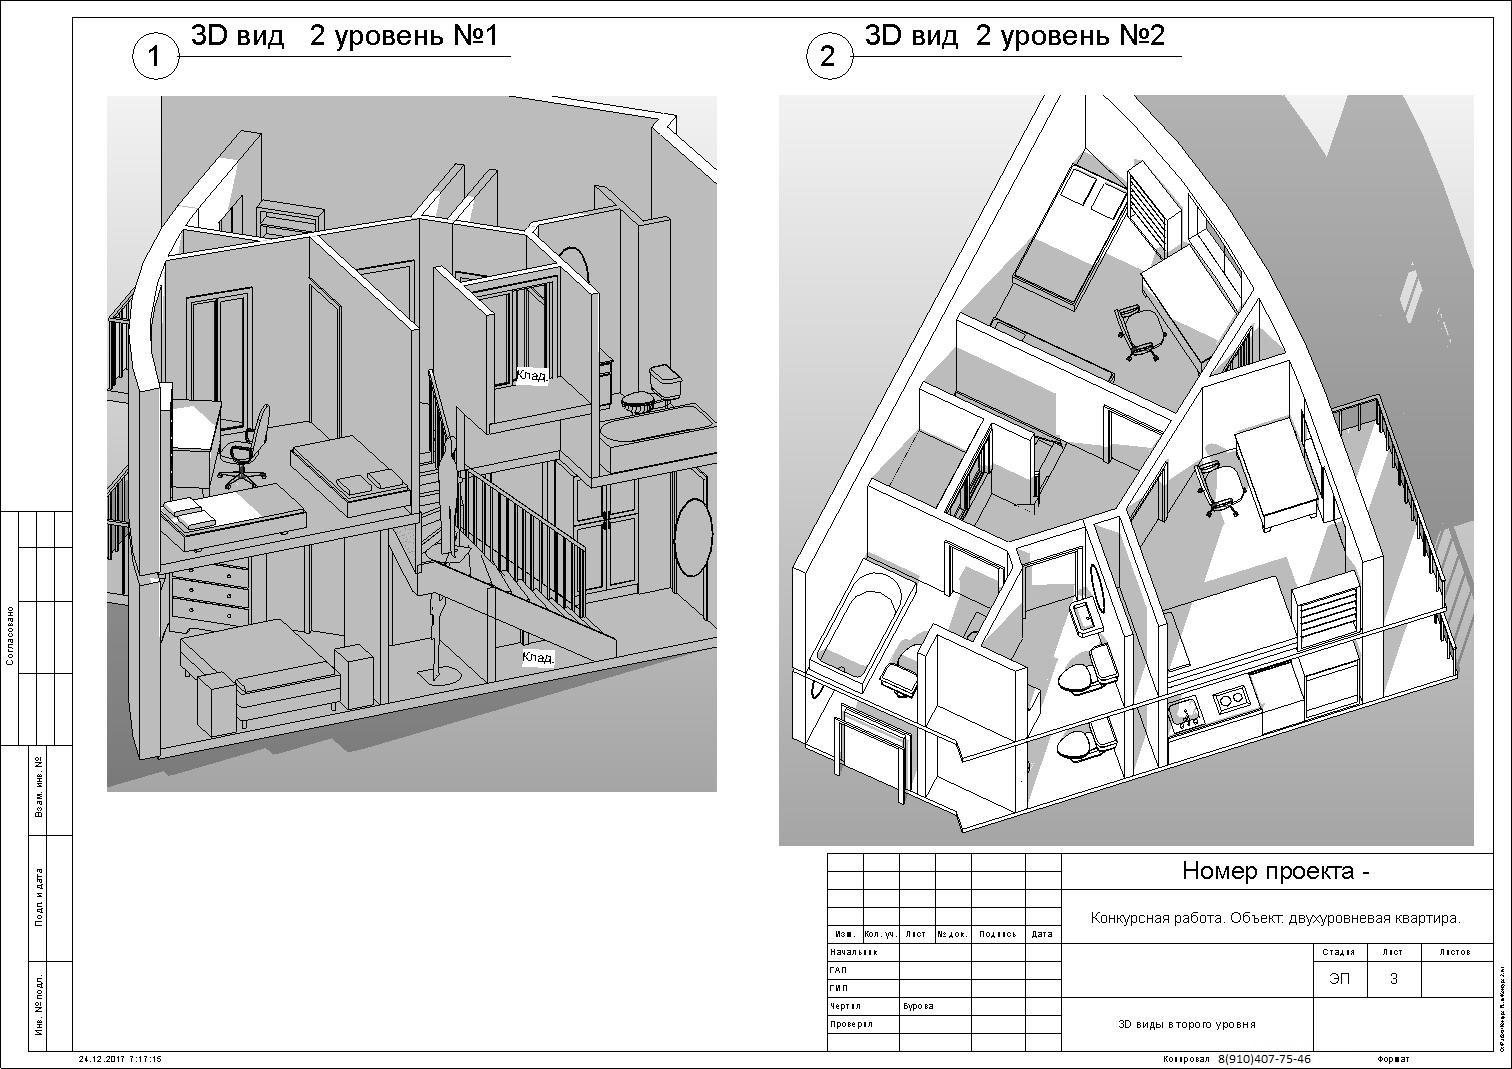 Планировочное решение для 2-уровневой кв.37,5м фото f_8285a3f357549218.jpg